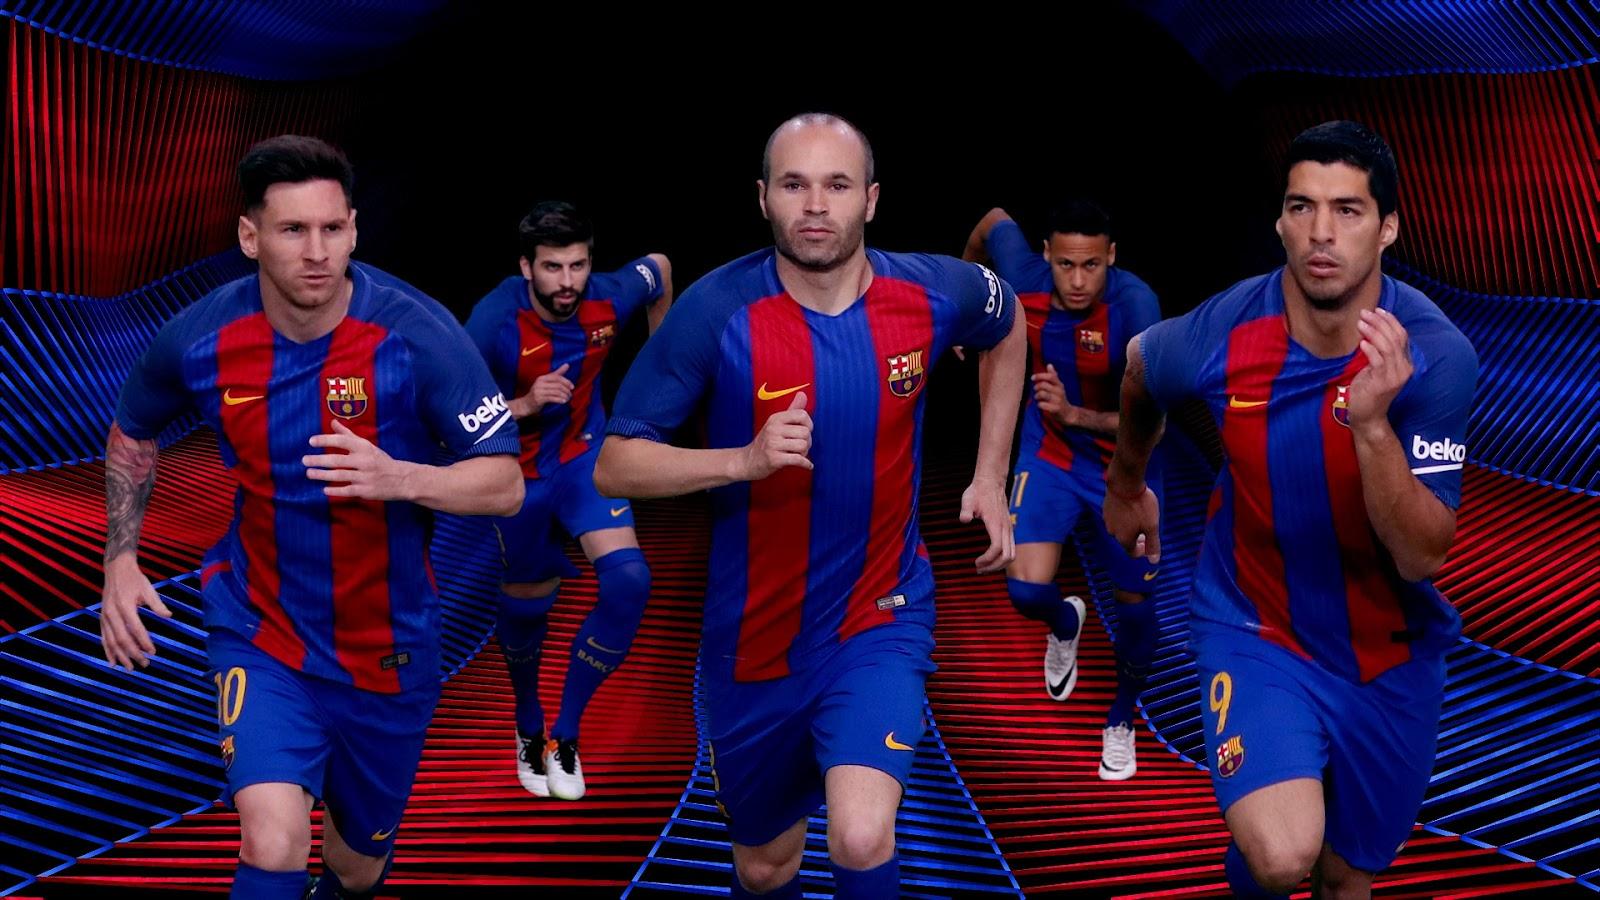 Fond d'écran fc barcelone 2017 - Fonds d'écran HD